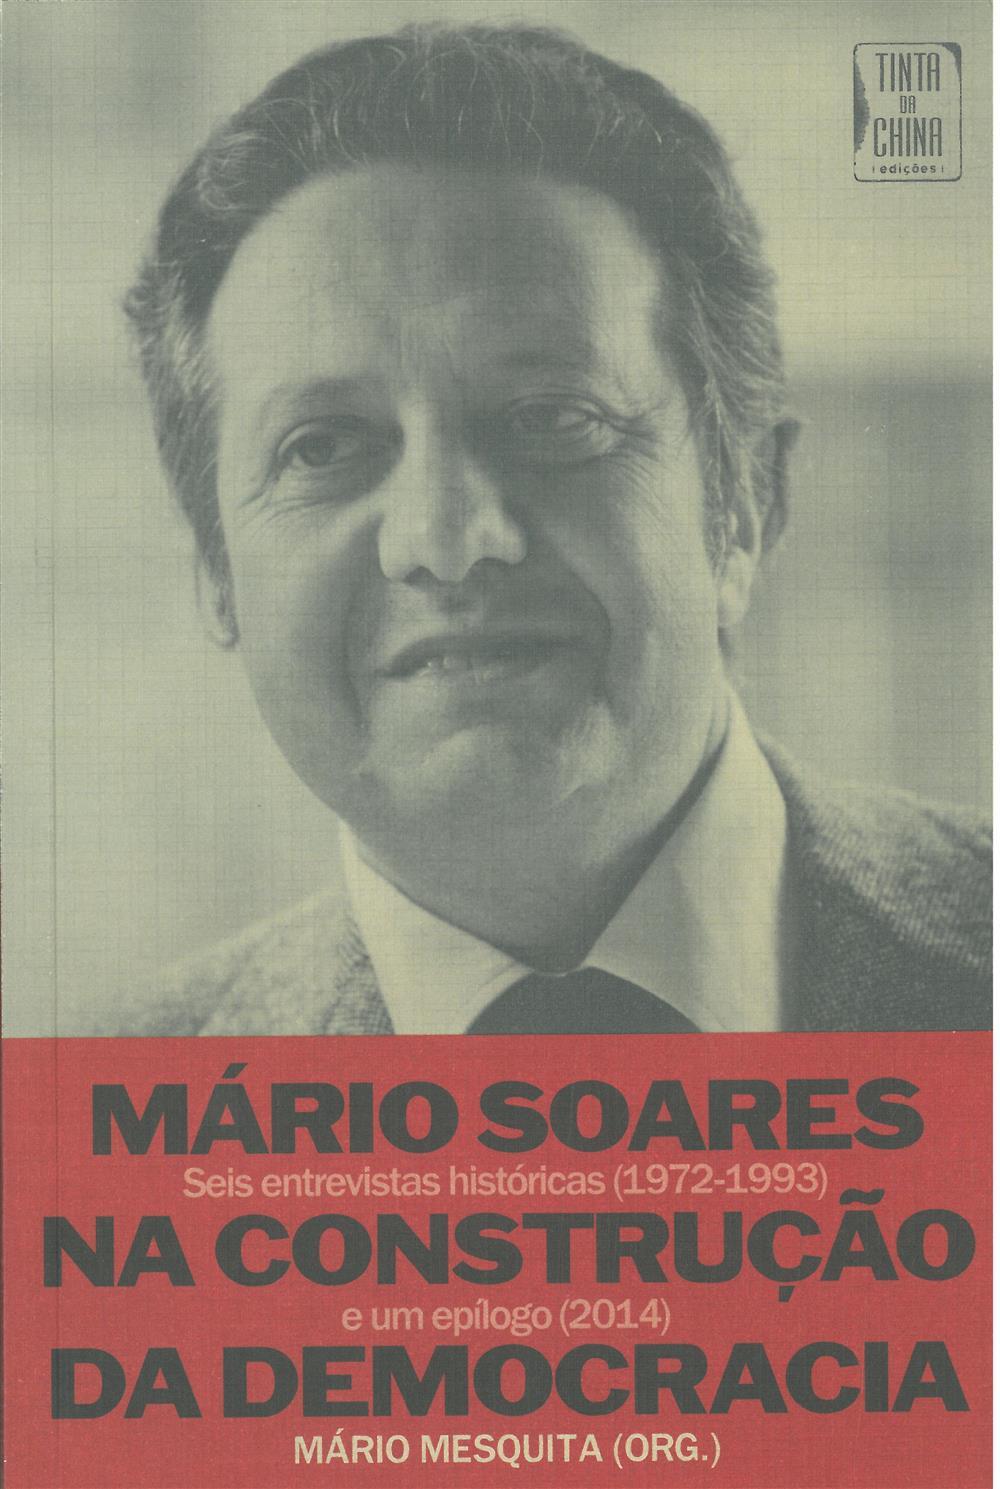 Mário Soares na construção da democracia.jpg